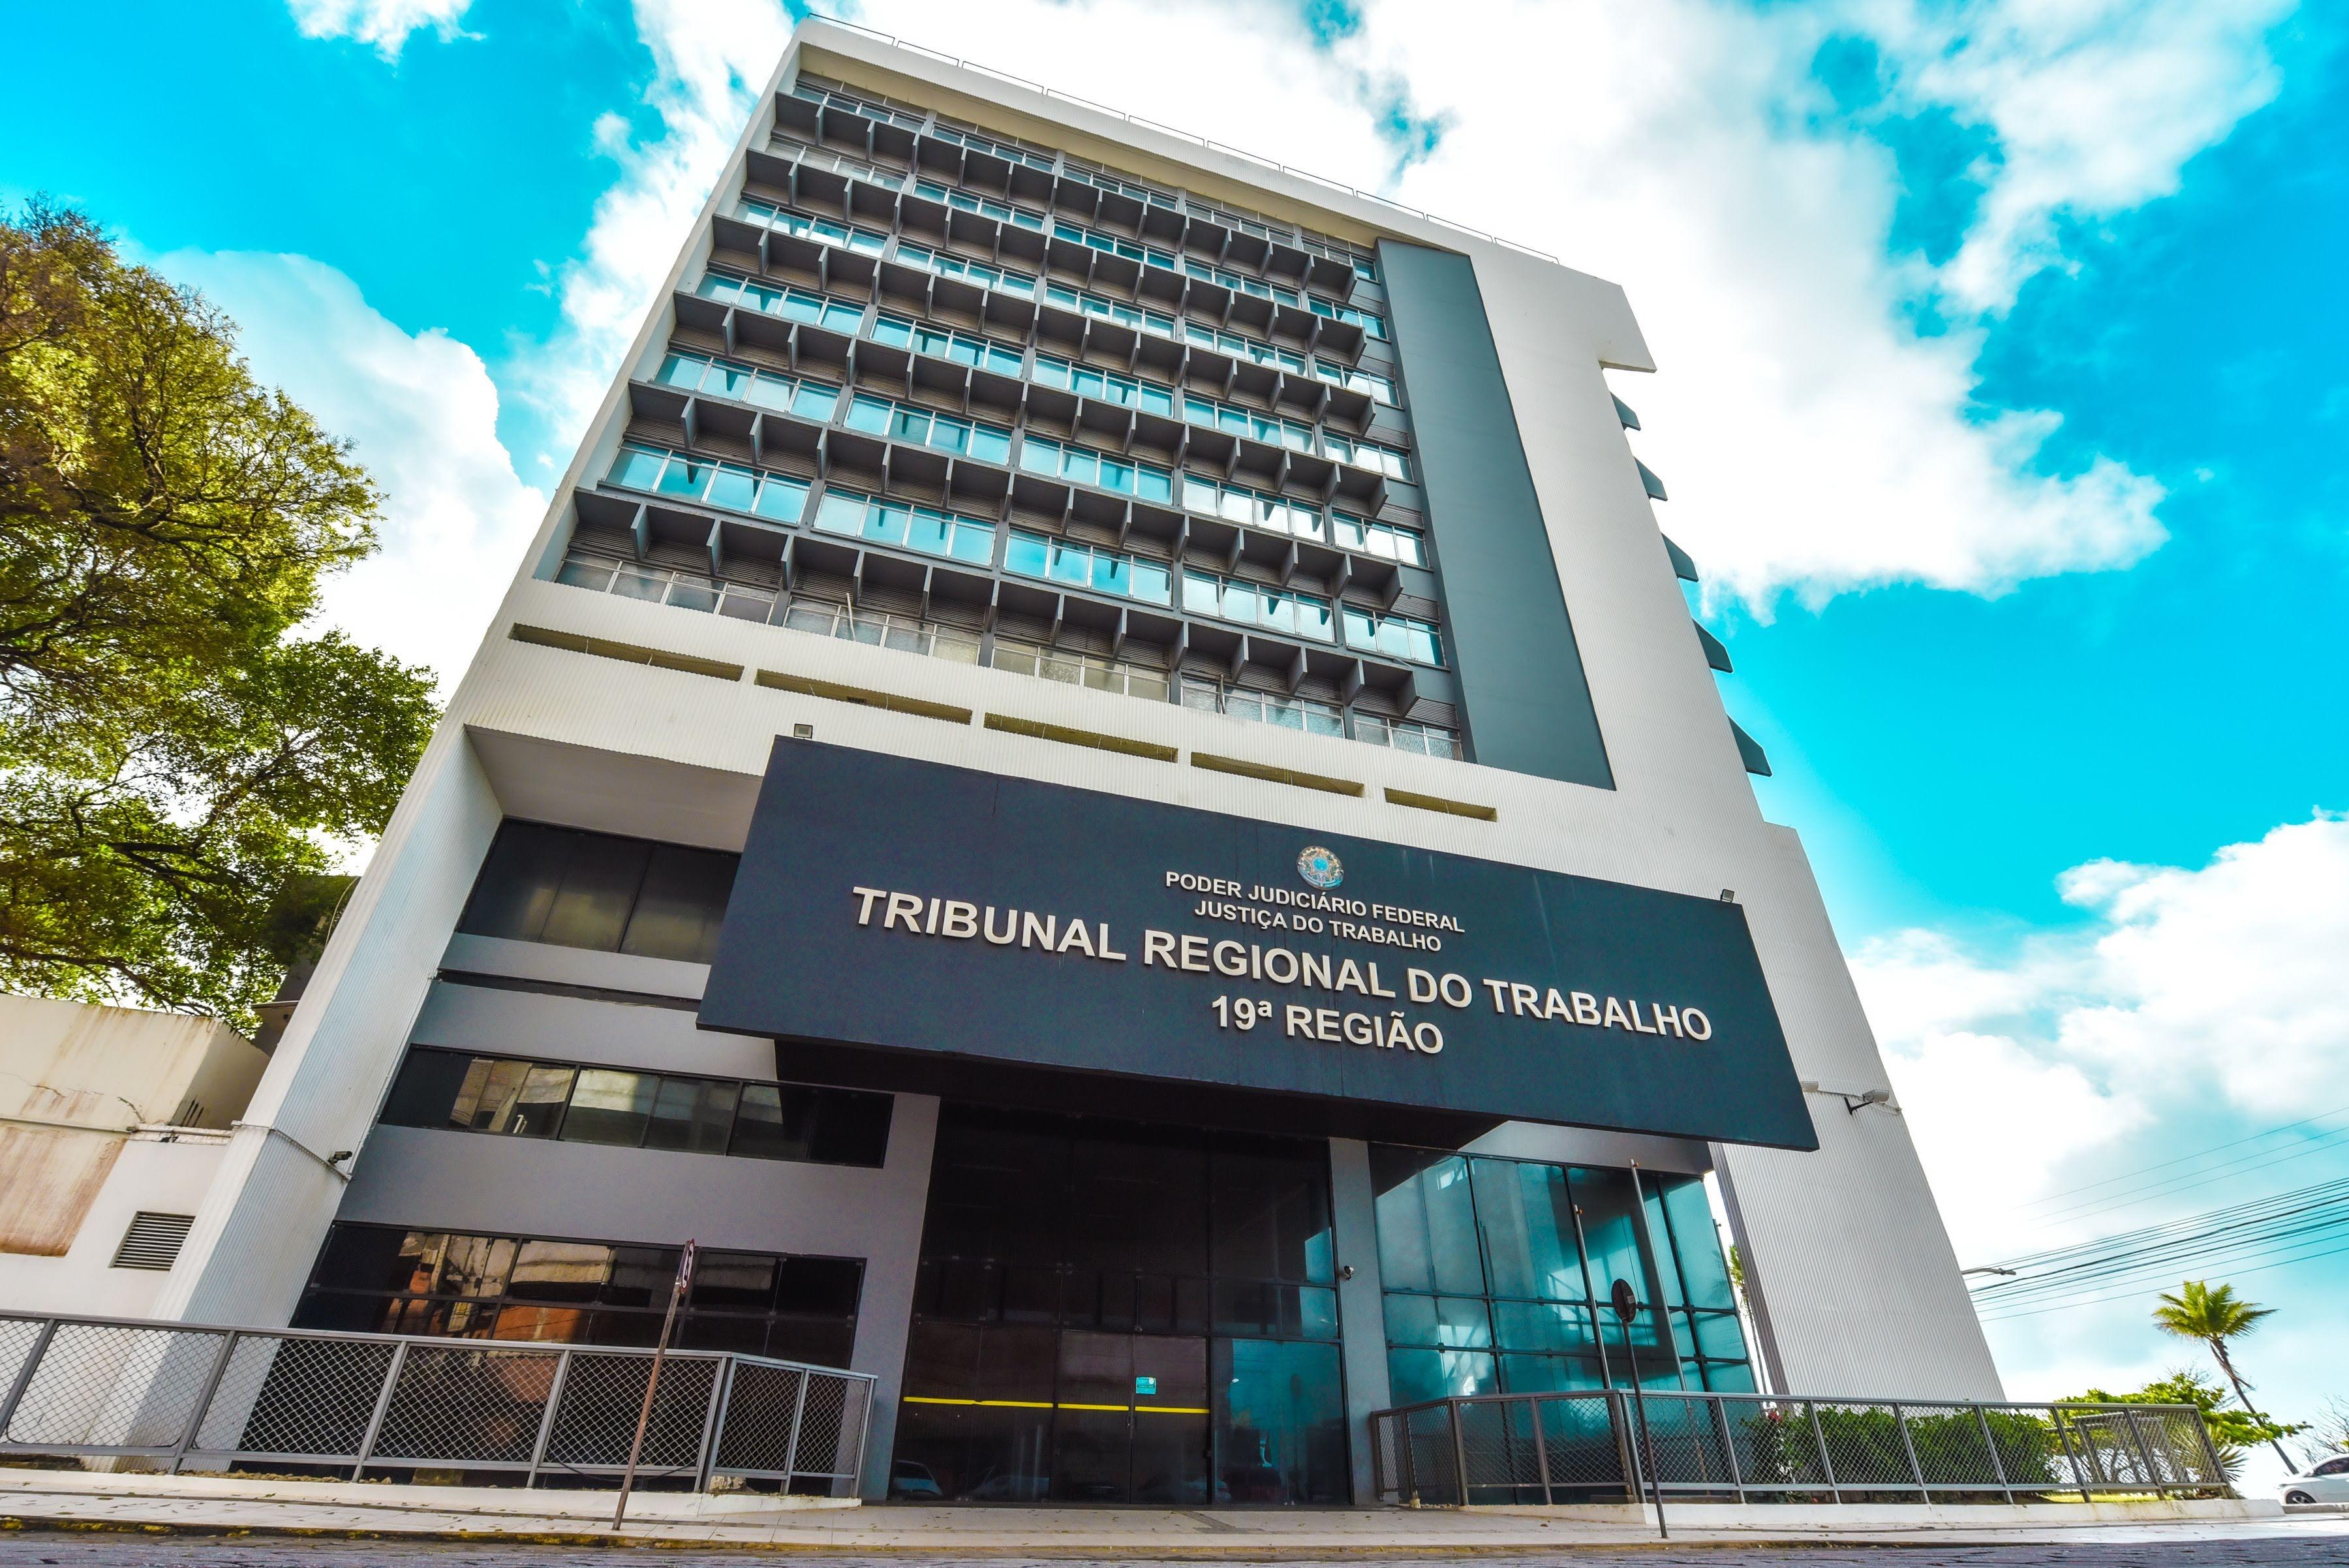 Justiça do Trabalho em AL busca ex-funcionários de empresas para pagar indenizações